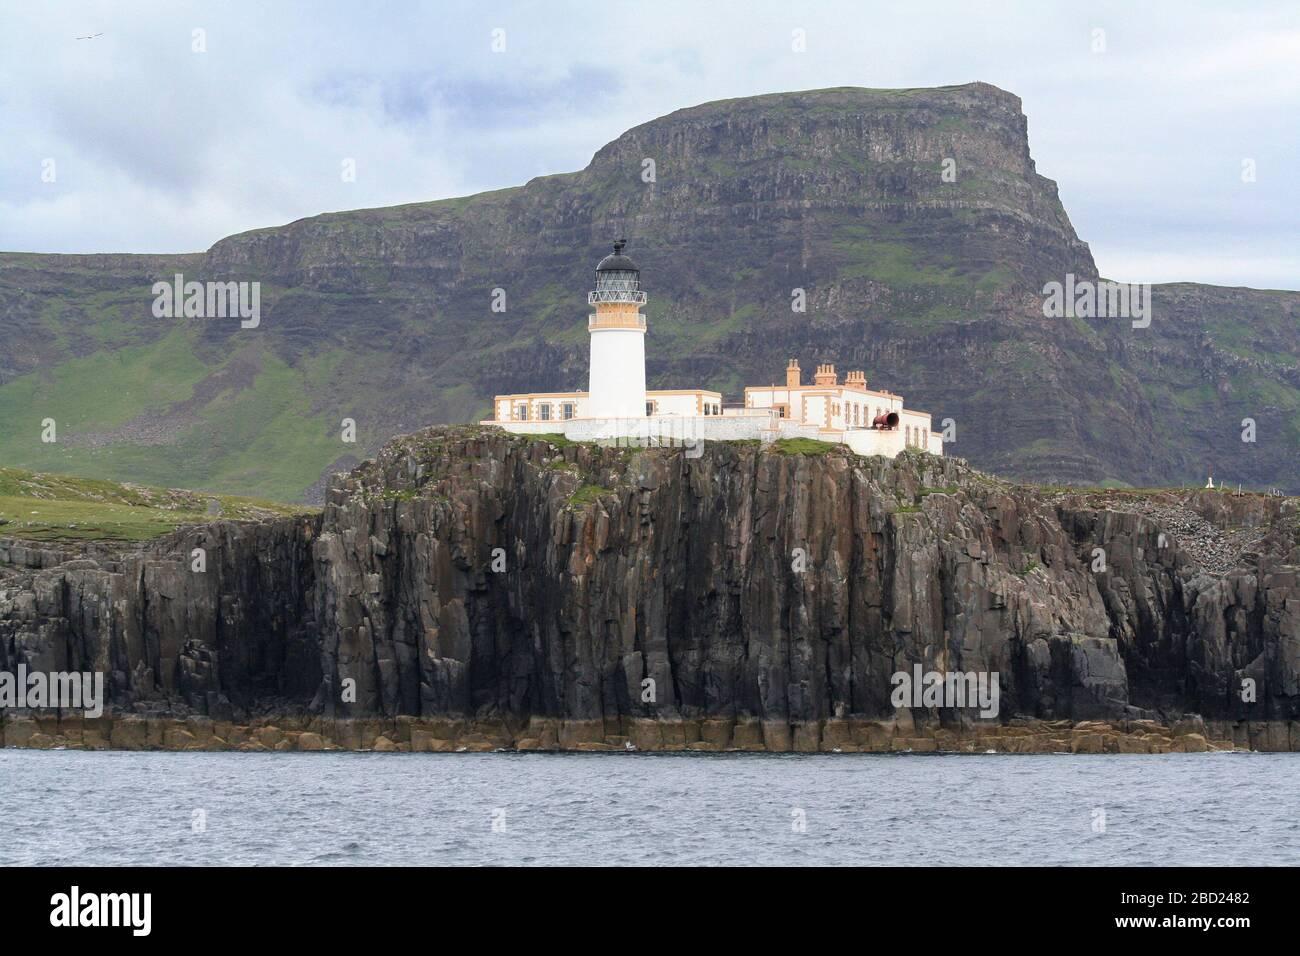 Faro de Neist Point desde el mar, Isla de Skye, Hebrides, Escocia Foto de stock